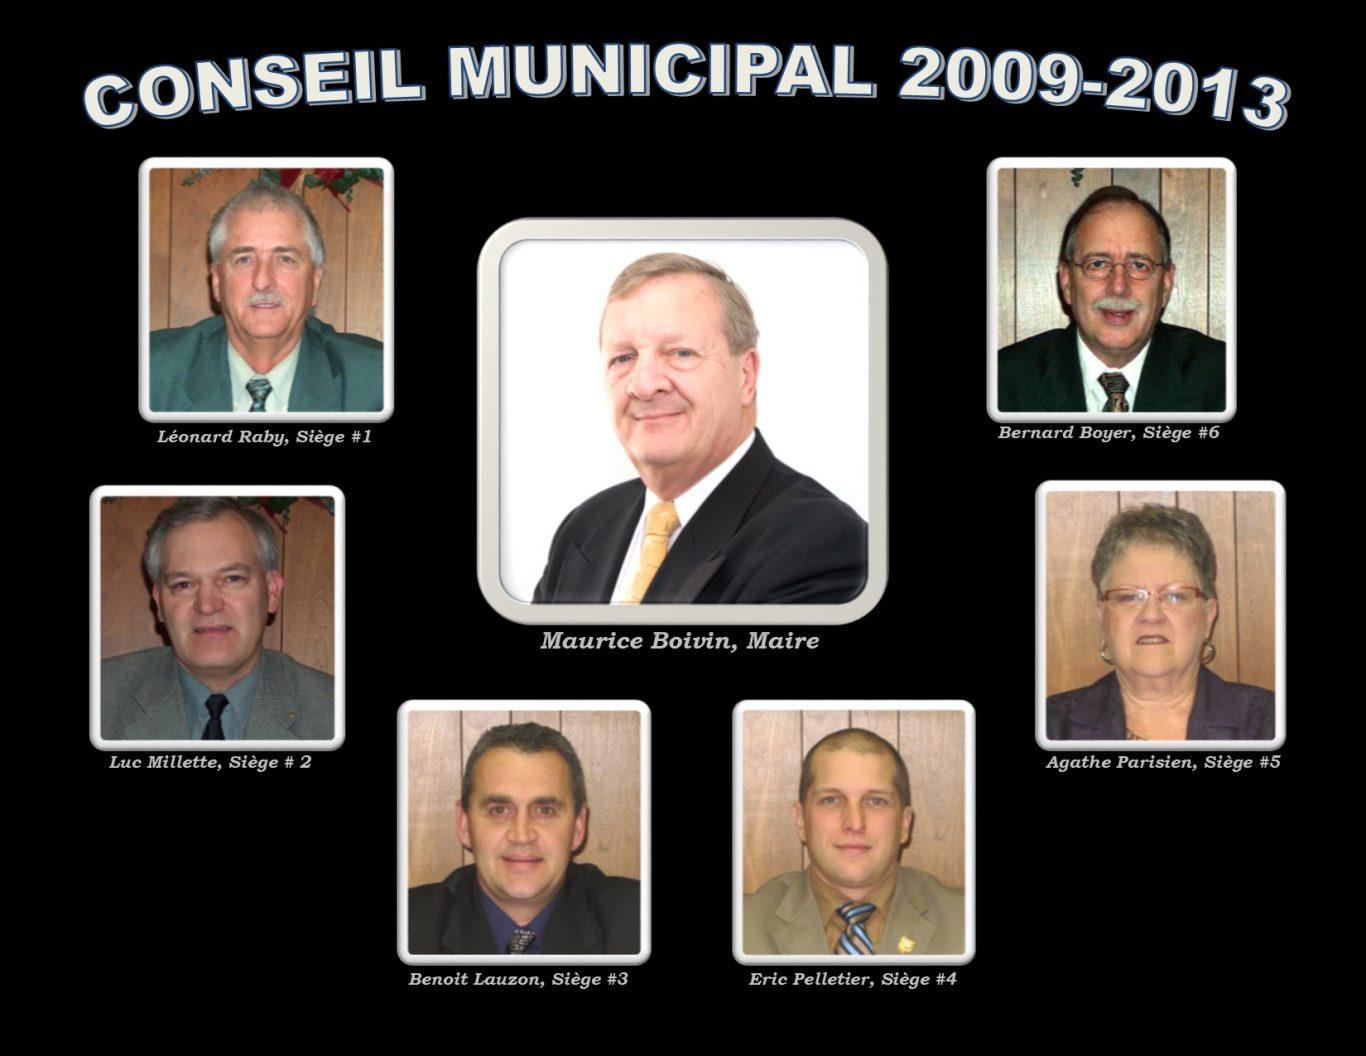 conseil municipal 2009 2013 - Ville de Thurso